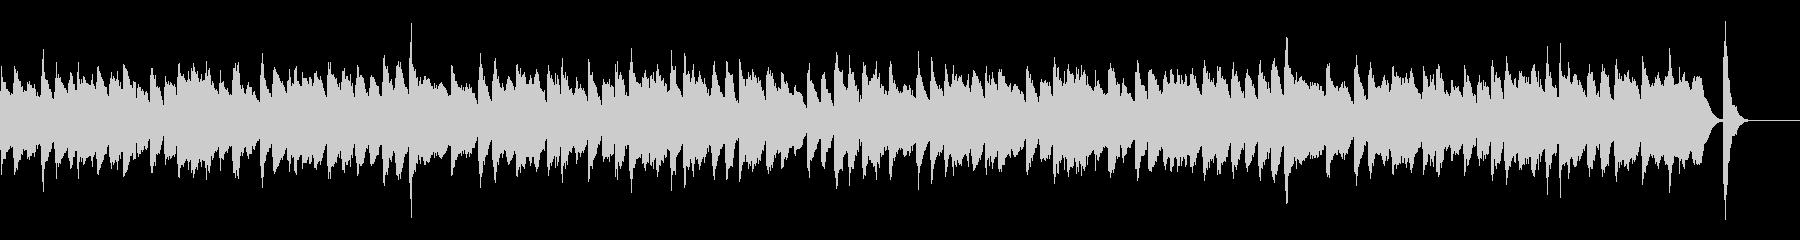 ほんわかとしたラグタイムピアノの未再生の波形